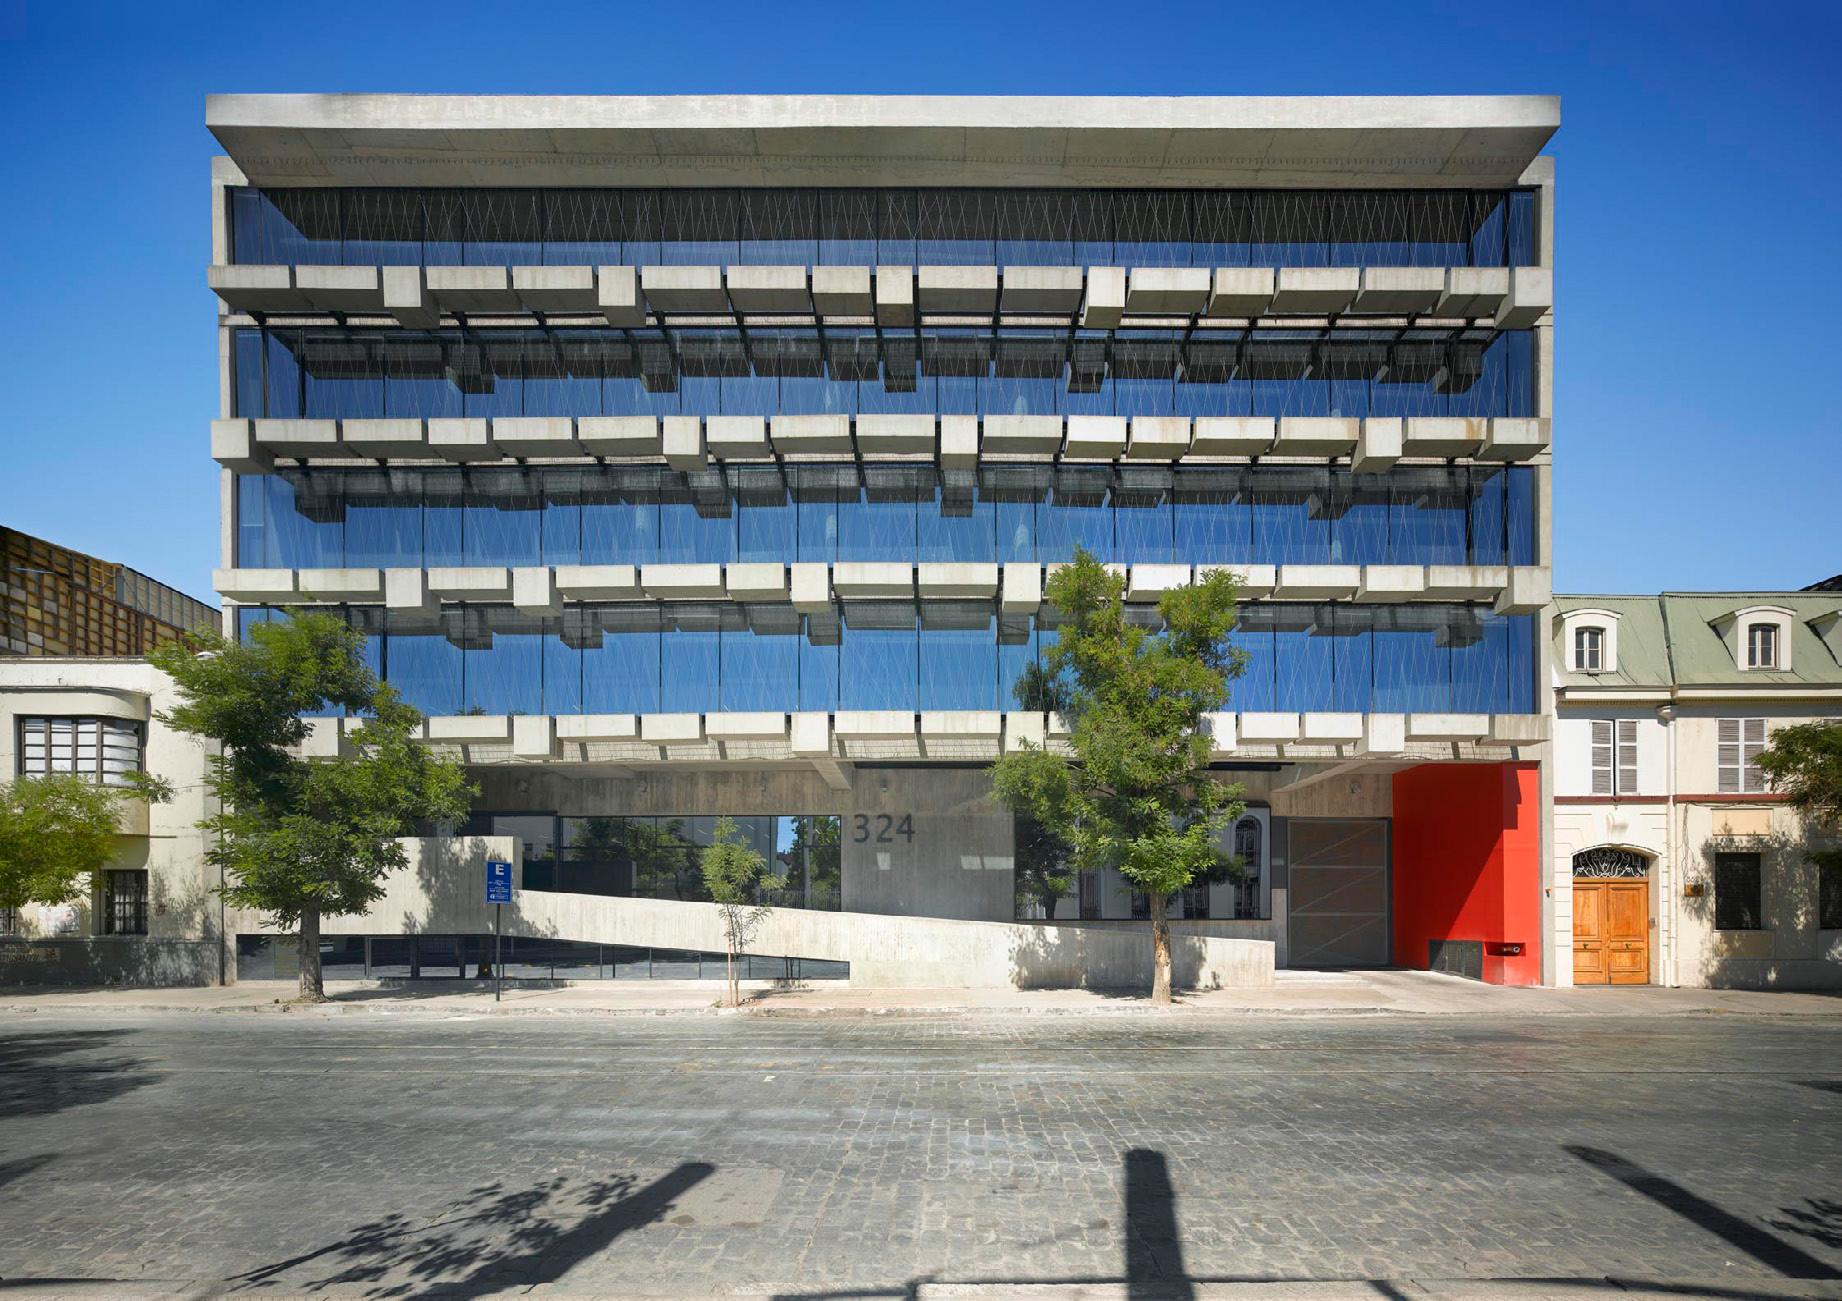 Menção Honrosa no Prêmio Rogelio Salmona: Campus Urbano da Universidade Diego Portales / Mathias Klotz e Ricardo Abuauad, Courtesy of Fundação Rogelio Salmona